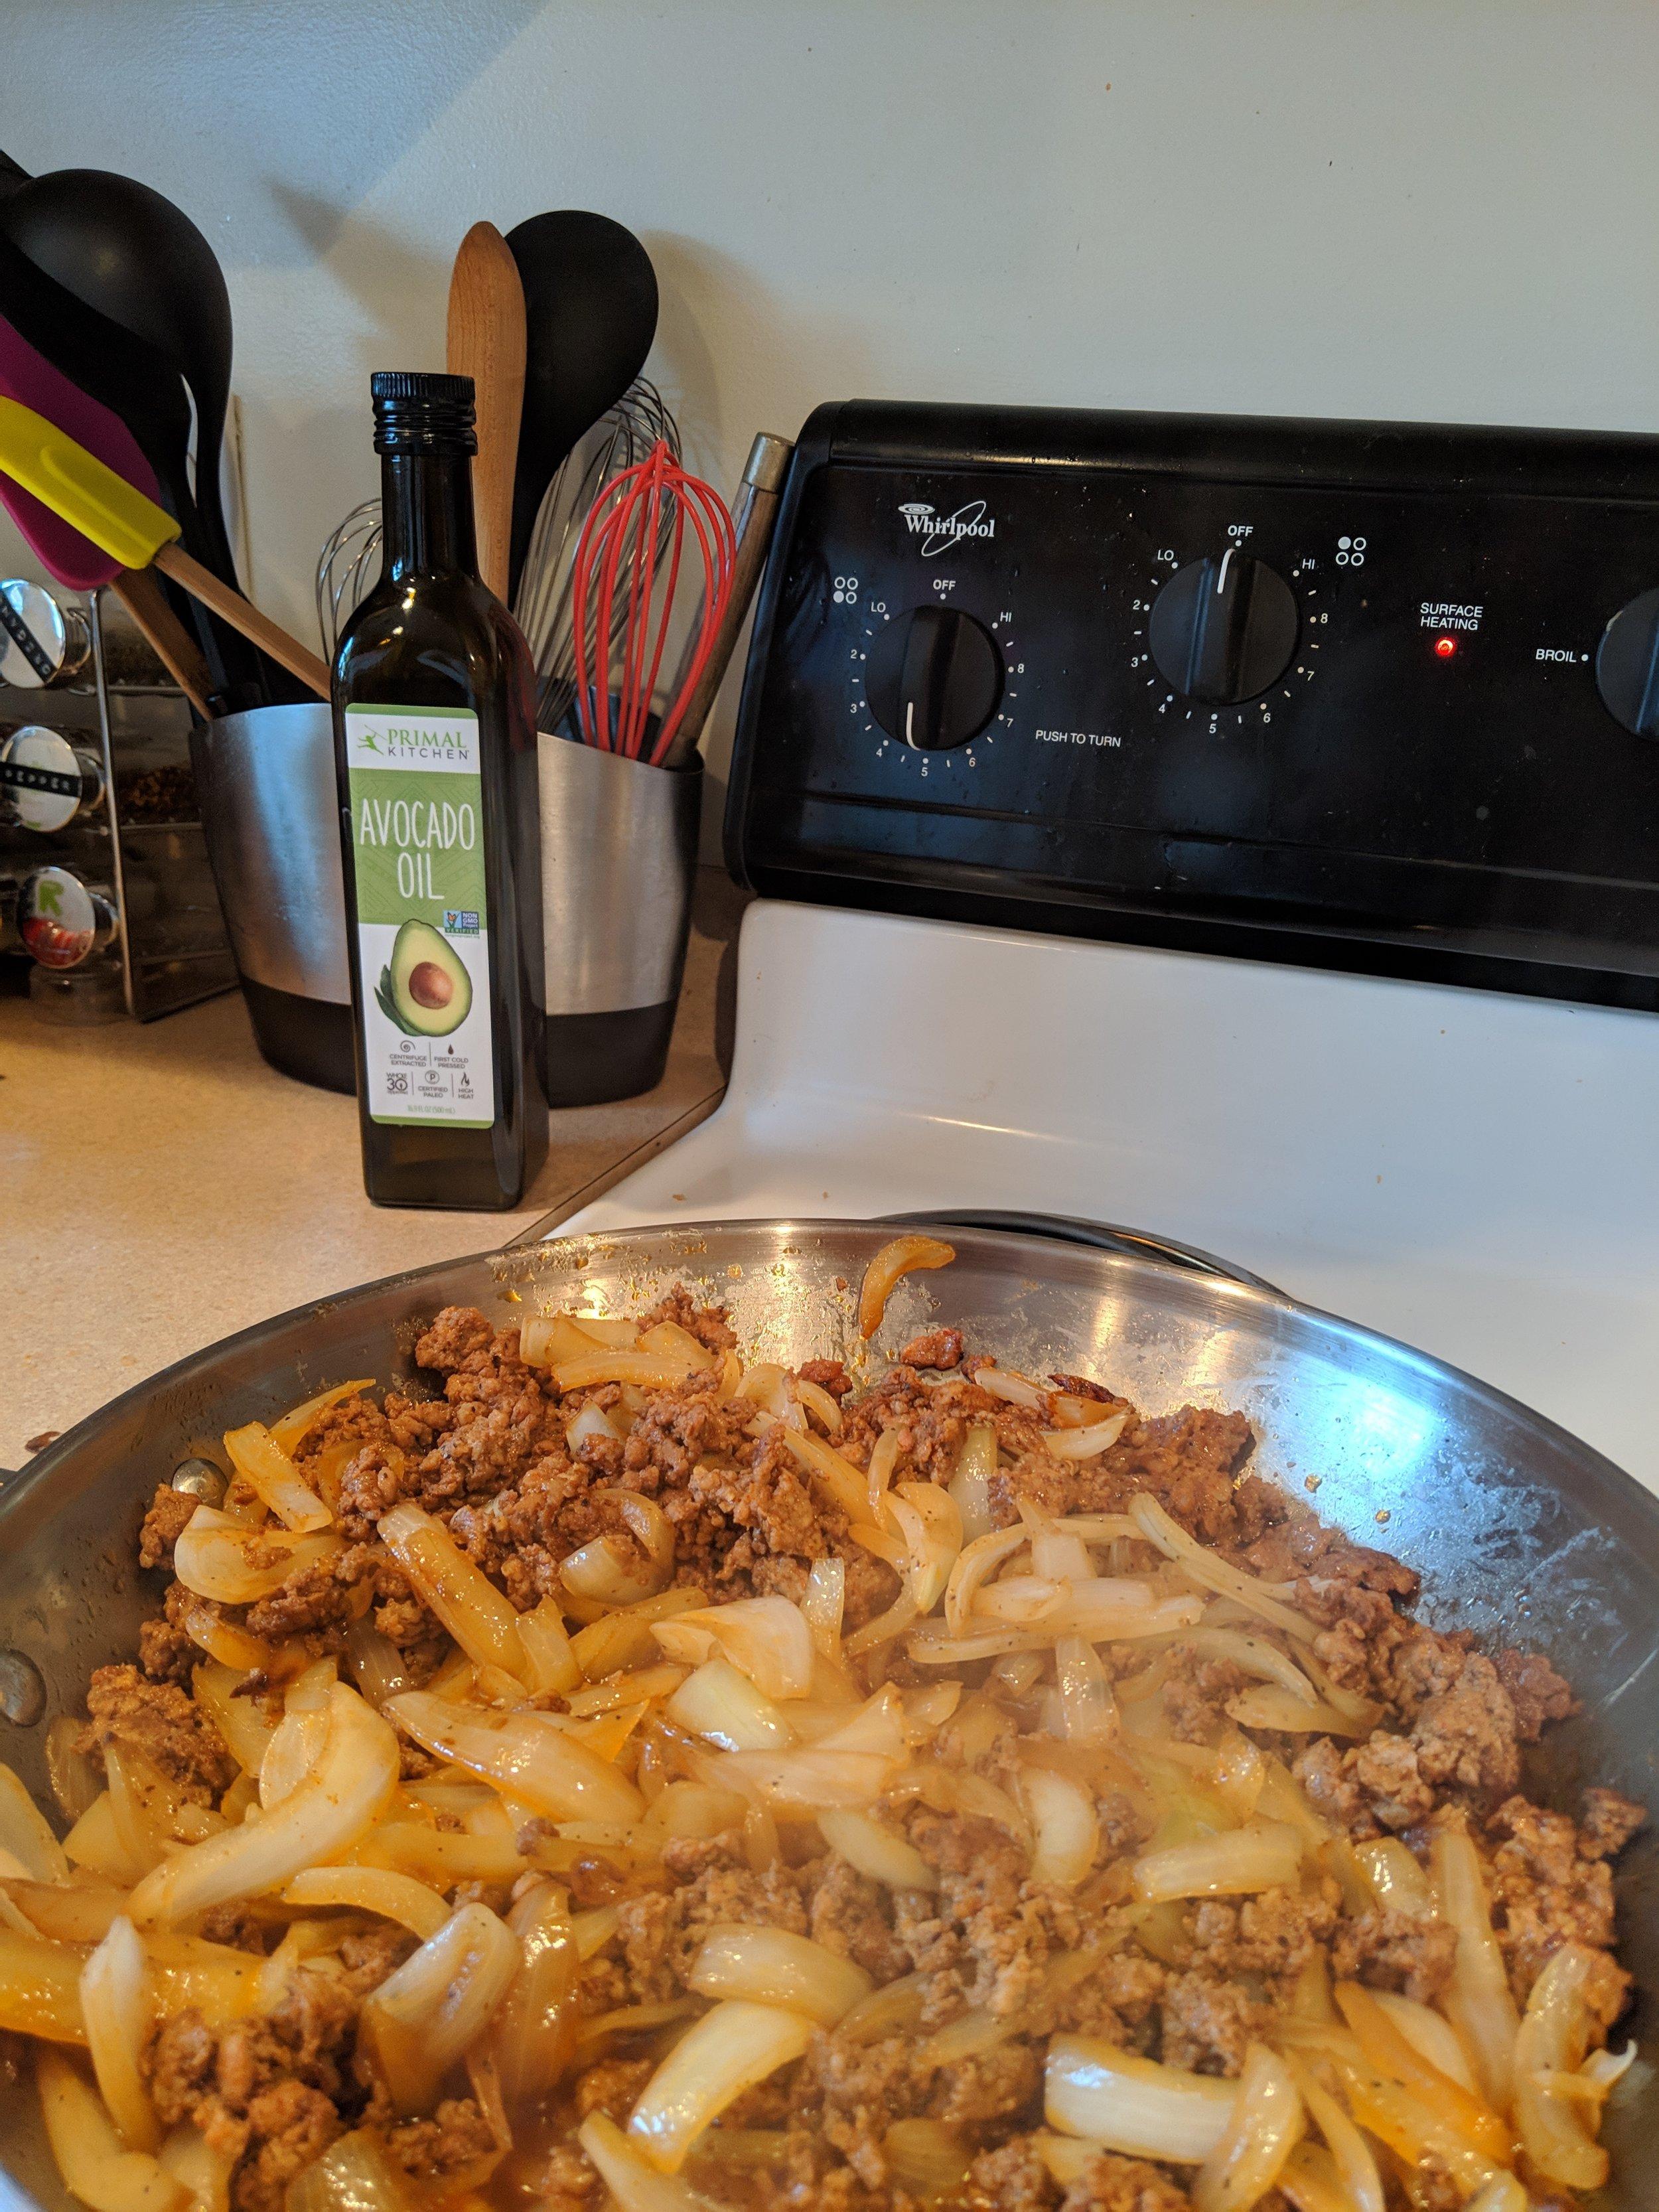 The chorizo and onion mix. Yum.